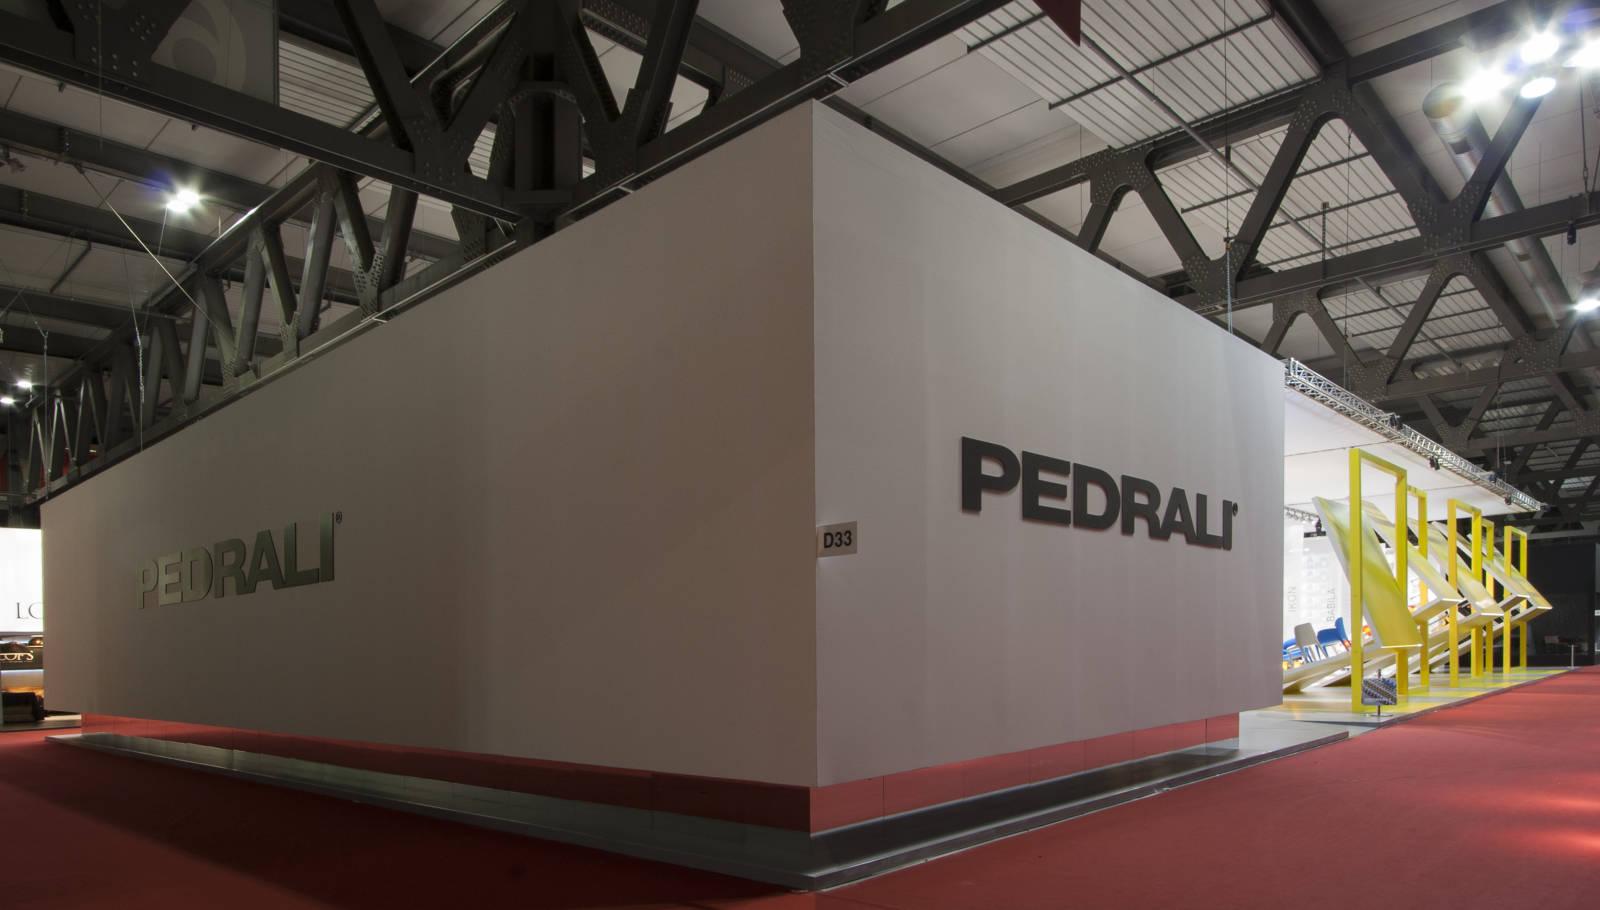 Pedrali1